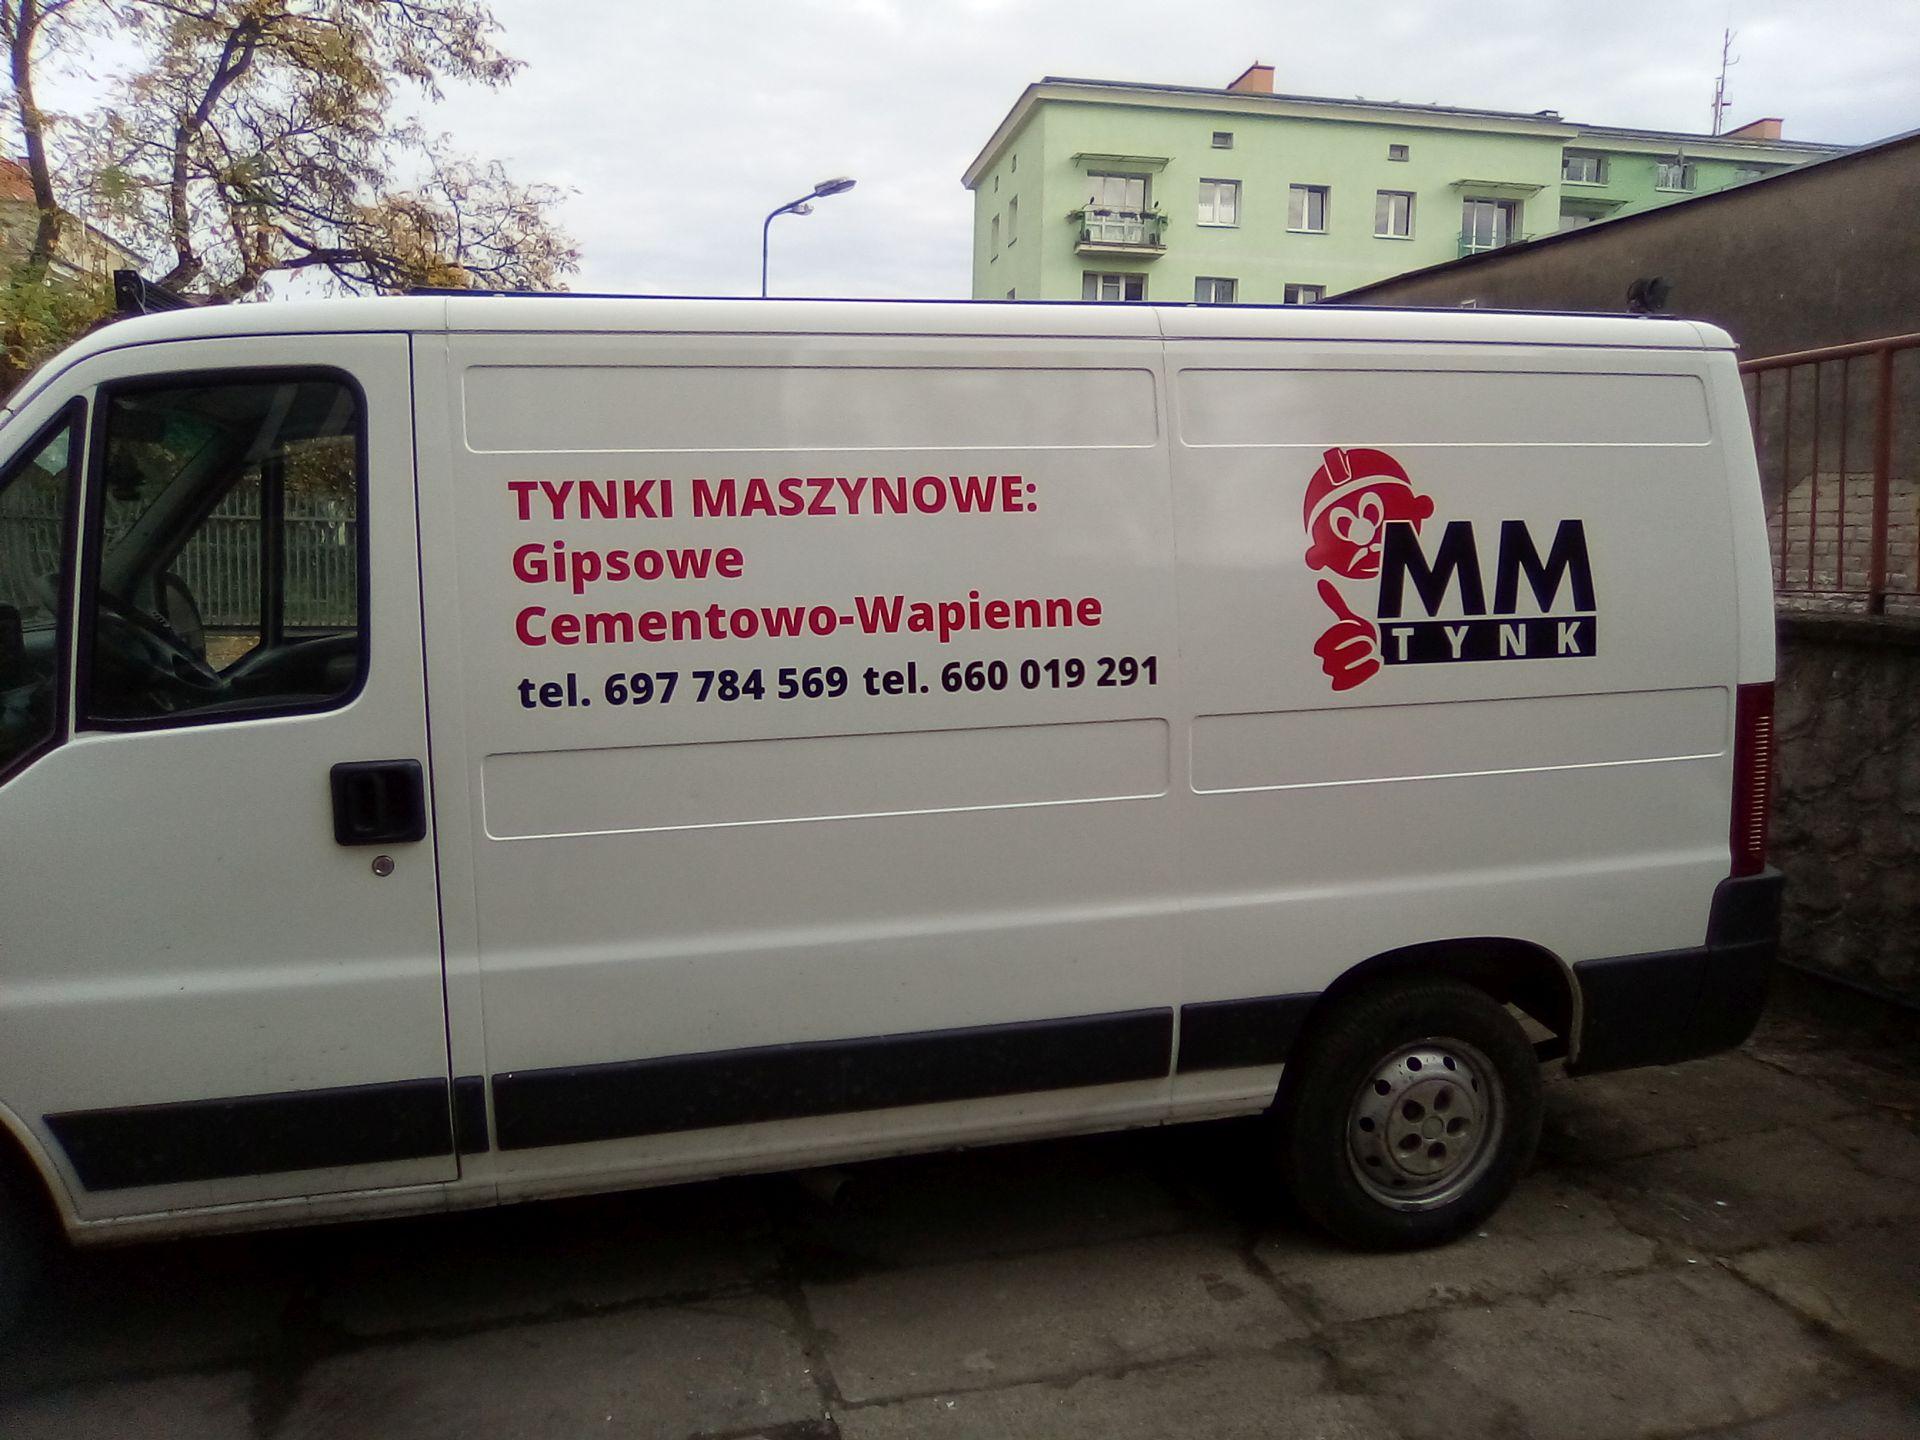 Kolejny wyklejony samochód dla MM Tynk